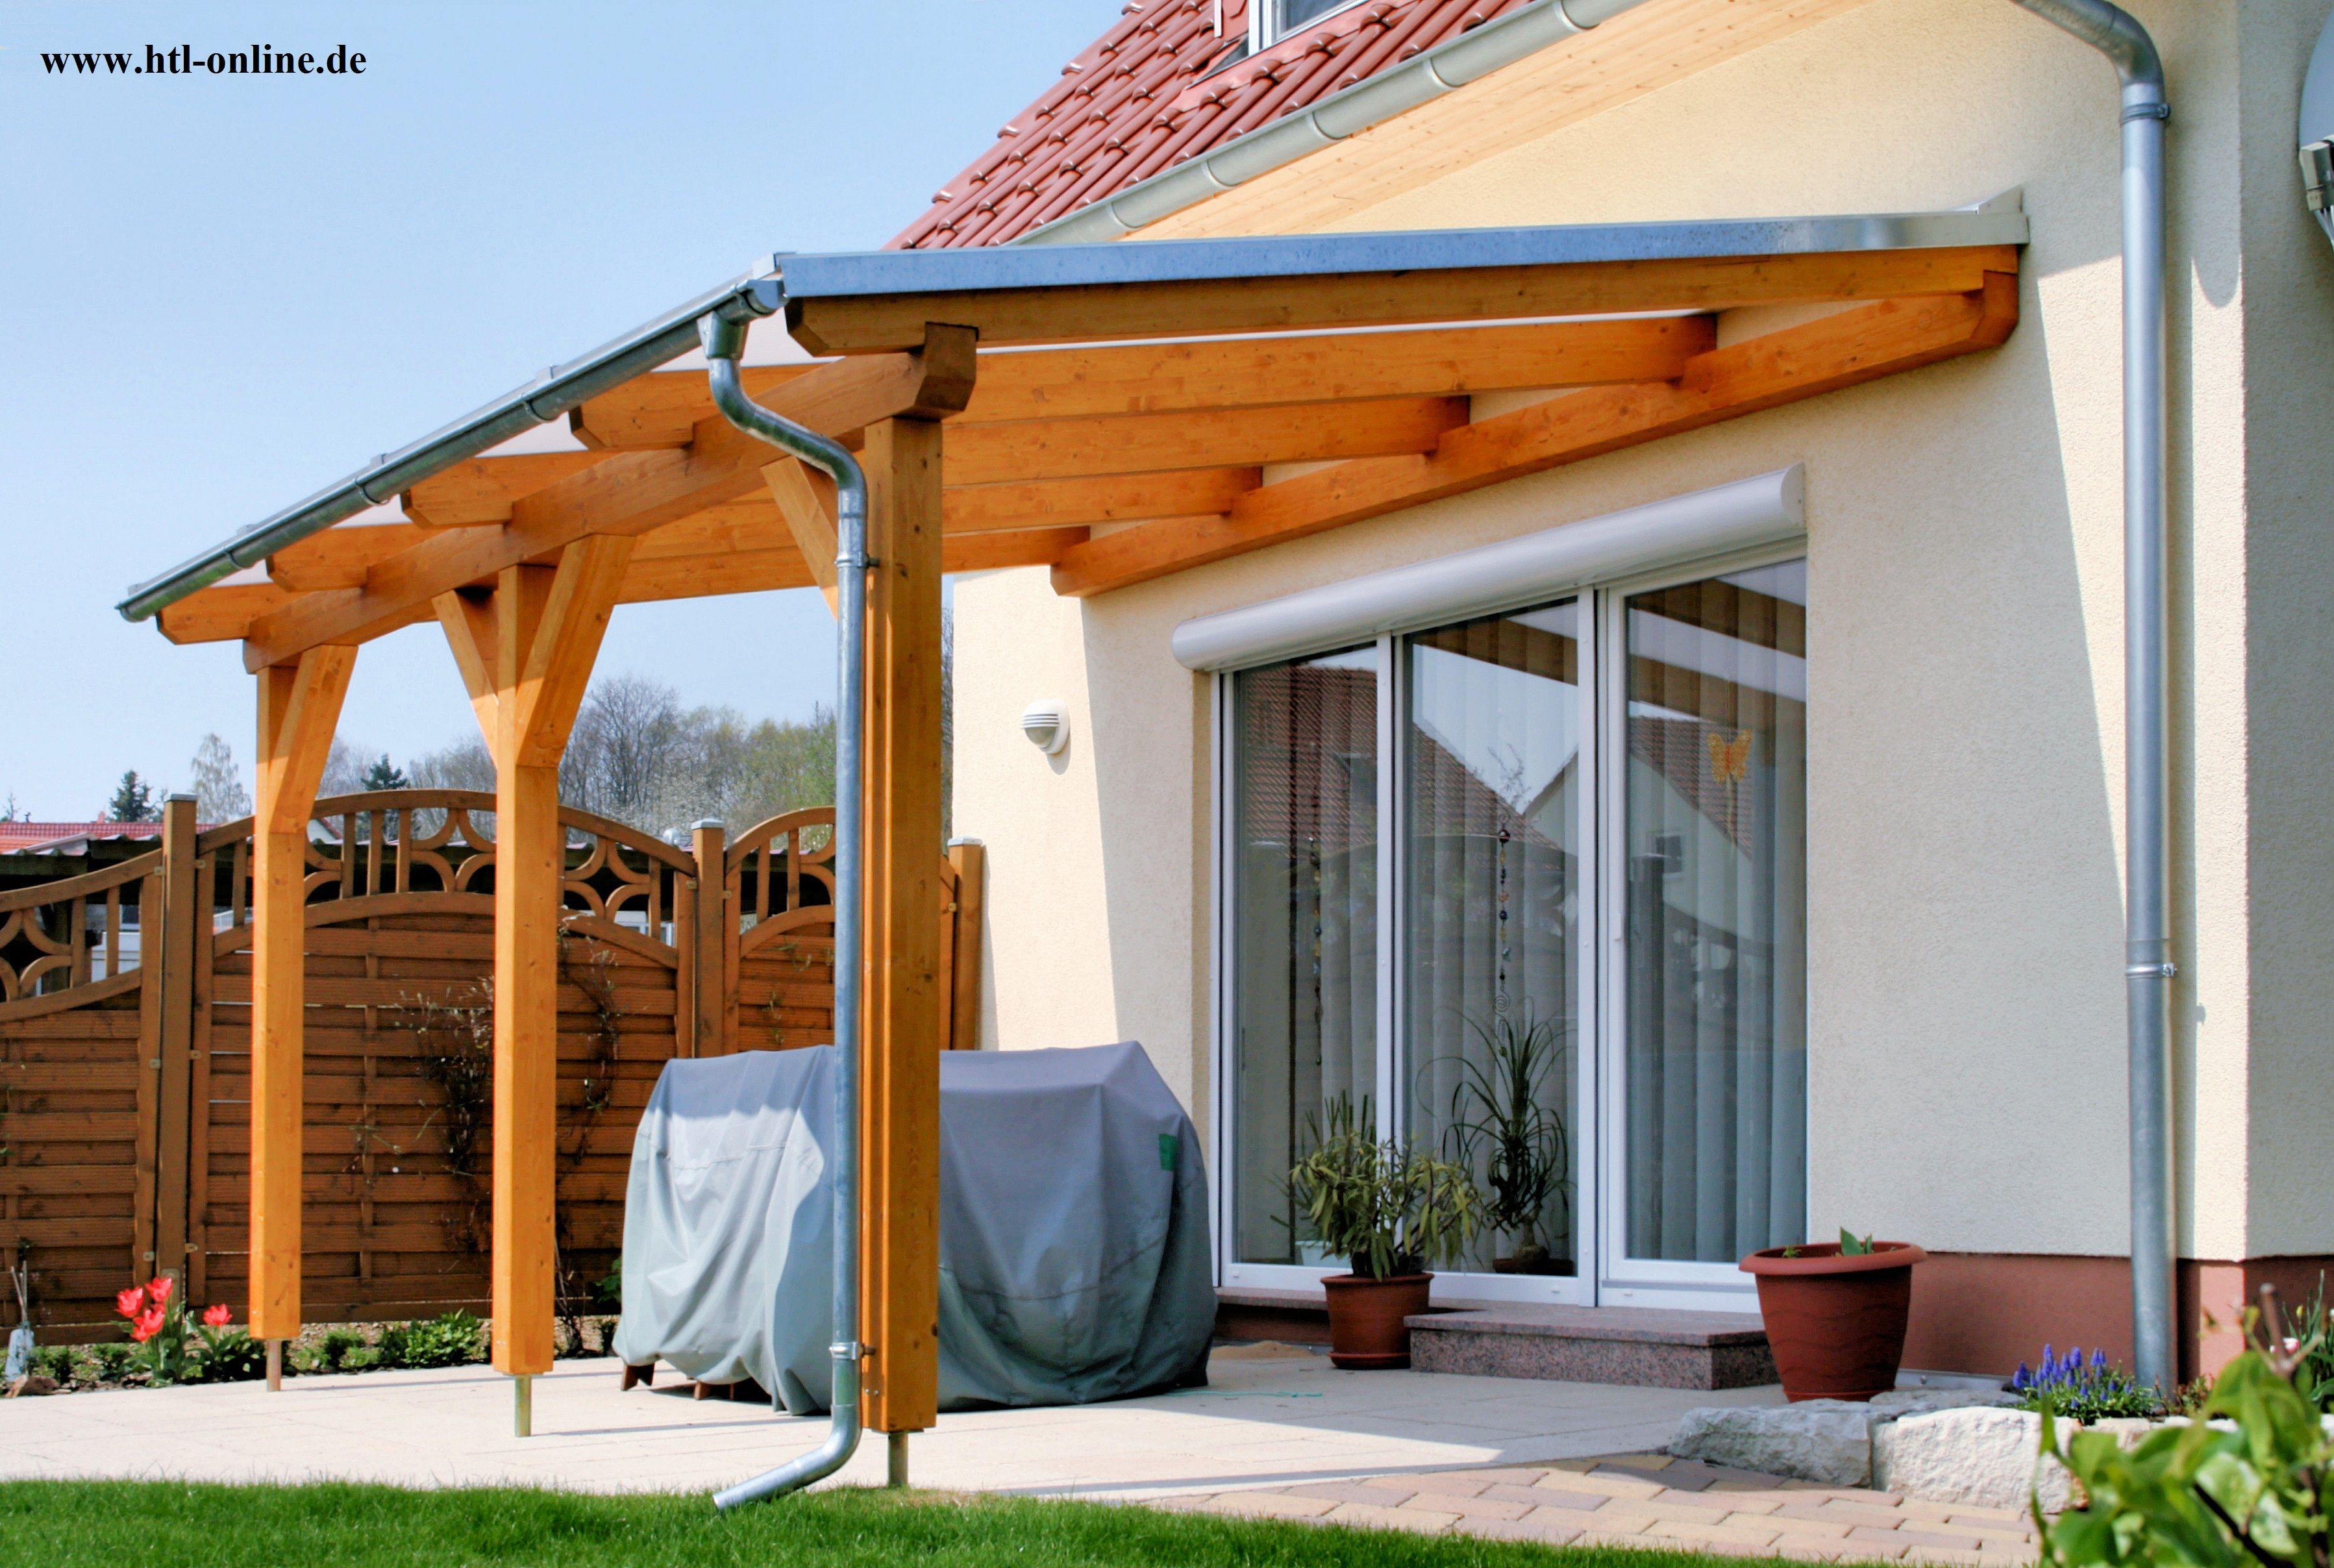 Uberdachung Aus Holz Htl Holztechnik Holz Arbeit Mit Holz Uberdachung Aus Holz Uberdachung Holz Uberdachte Terrassen Uberdachungen